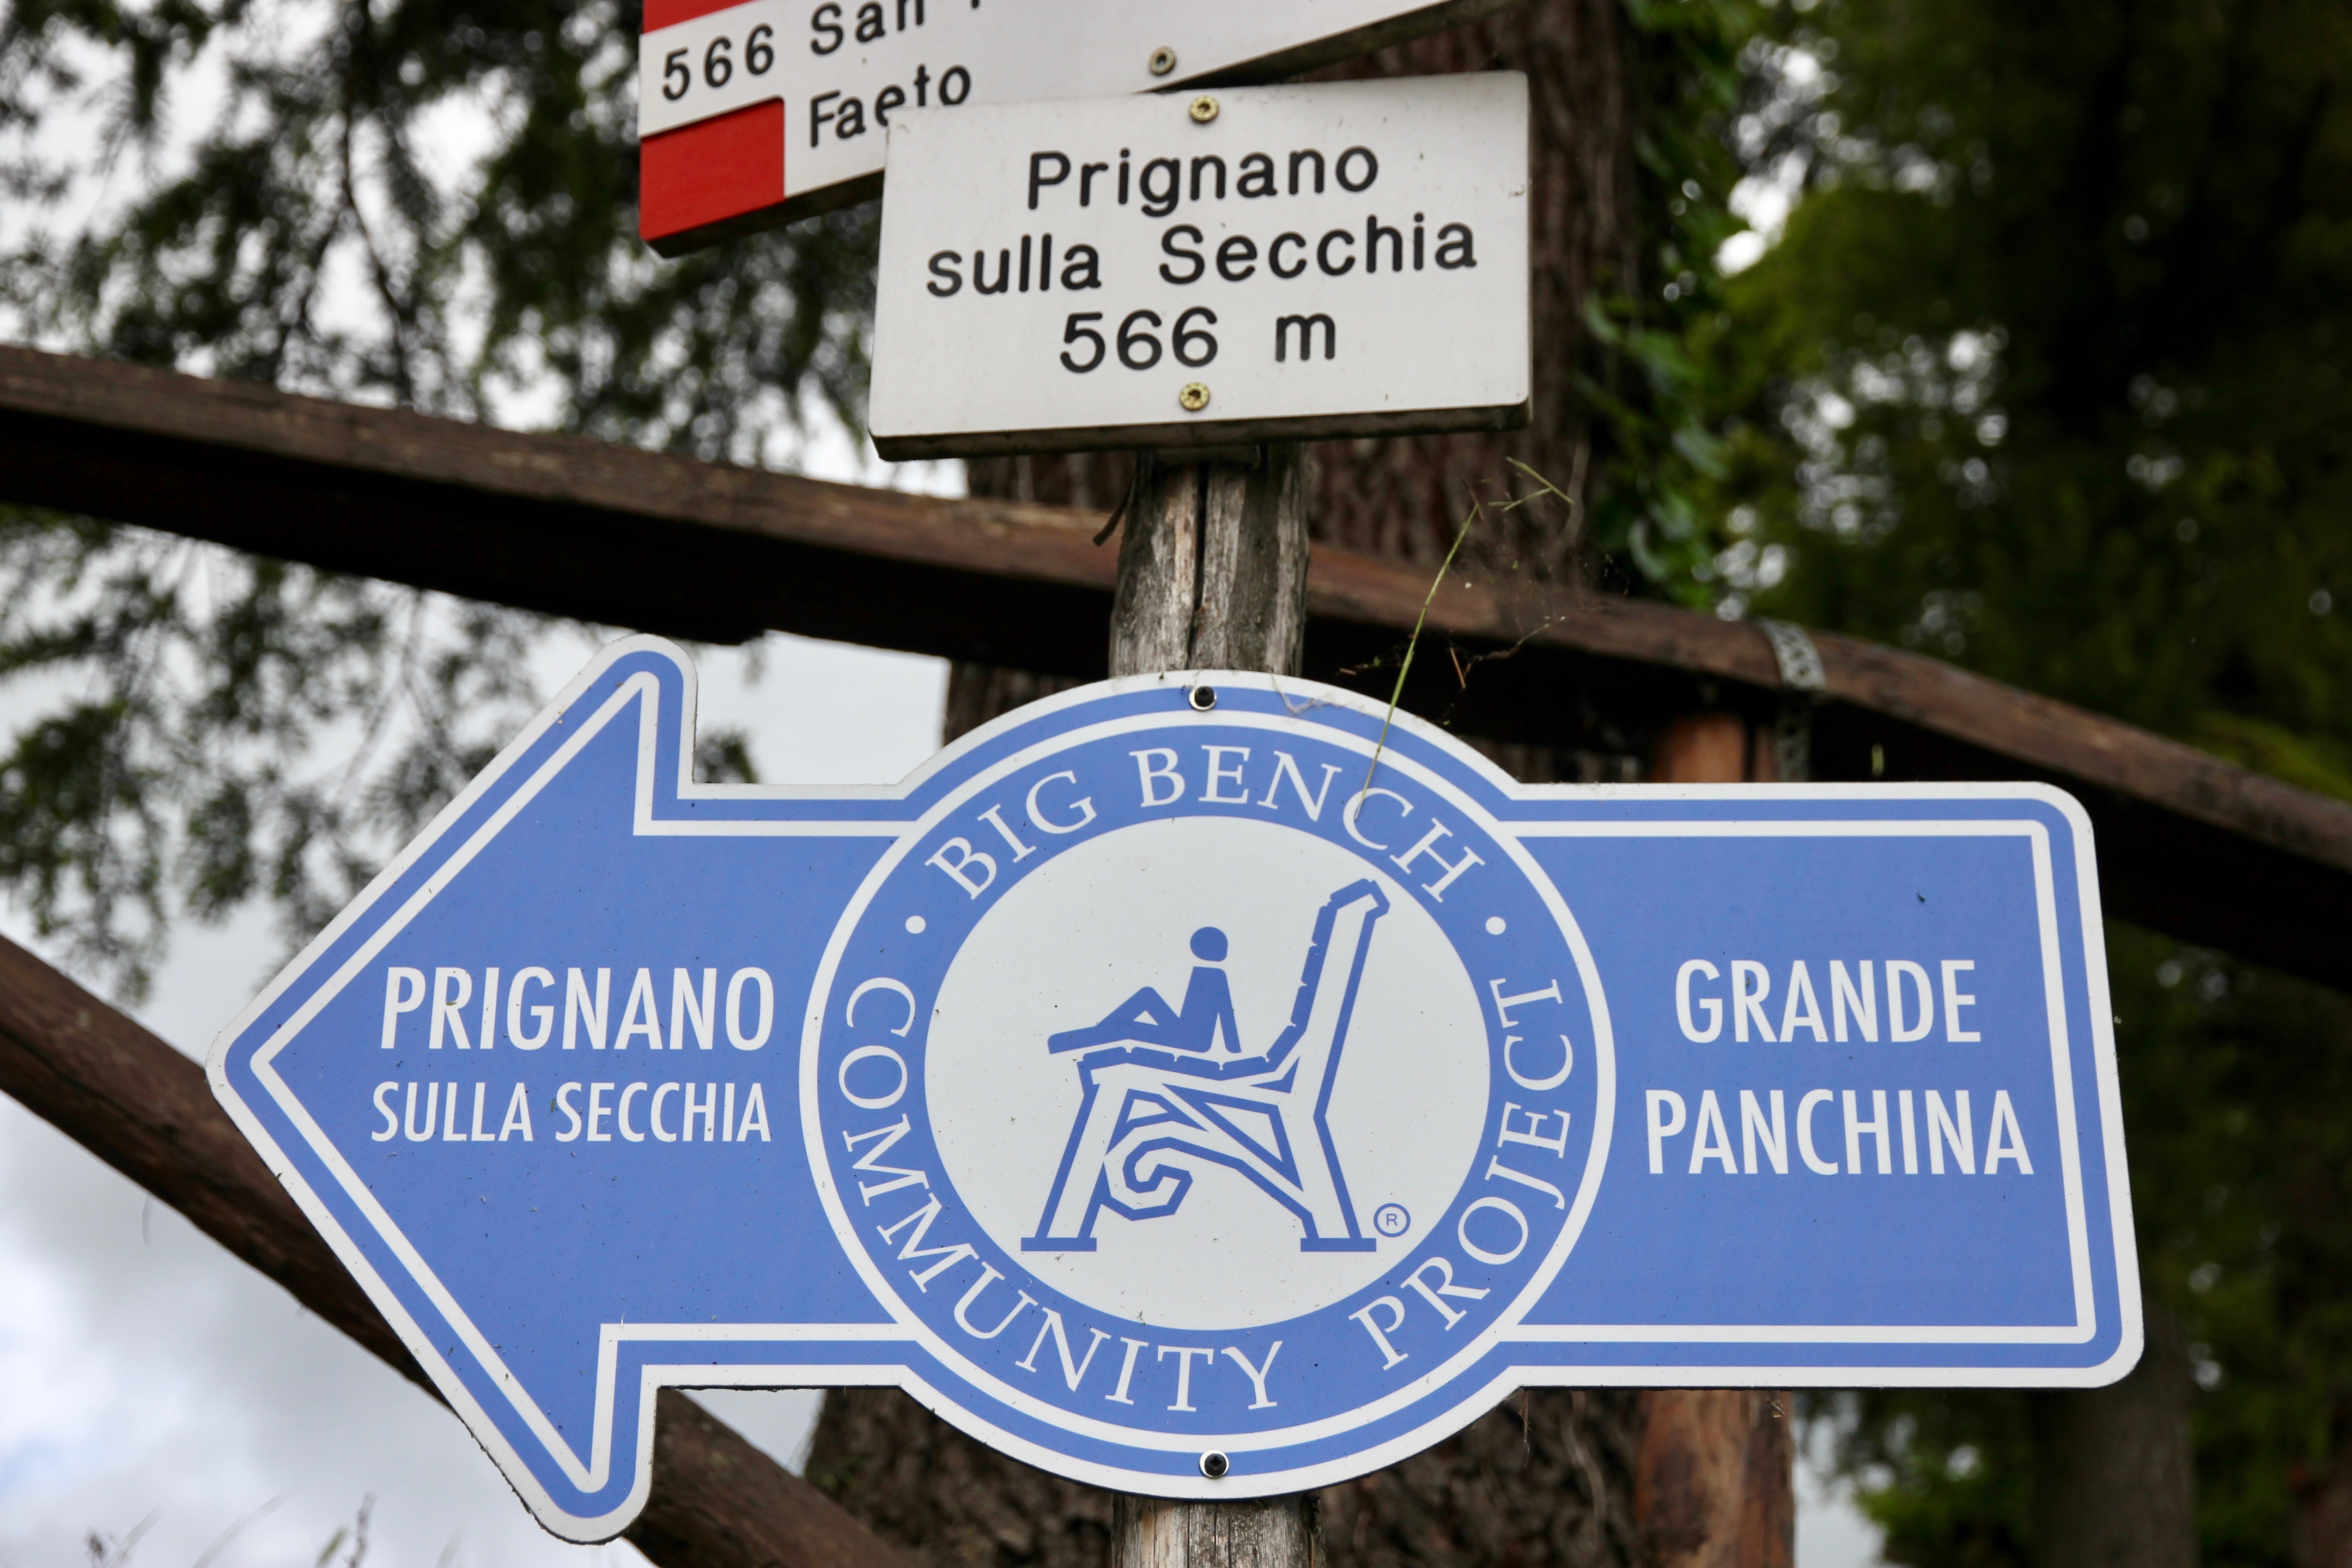 Prignano sulla Secchia - Modena